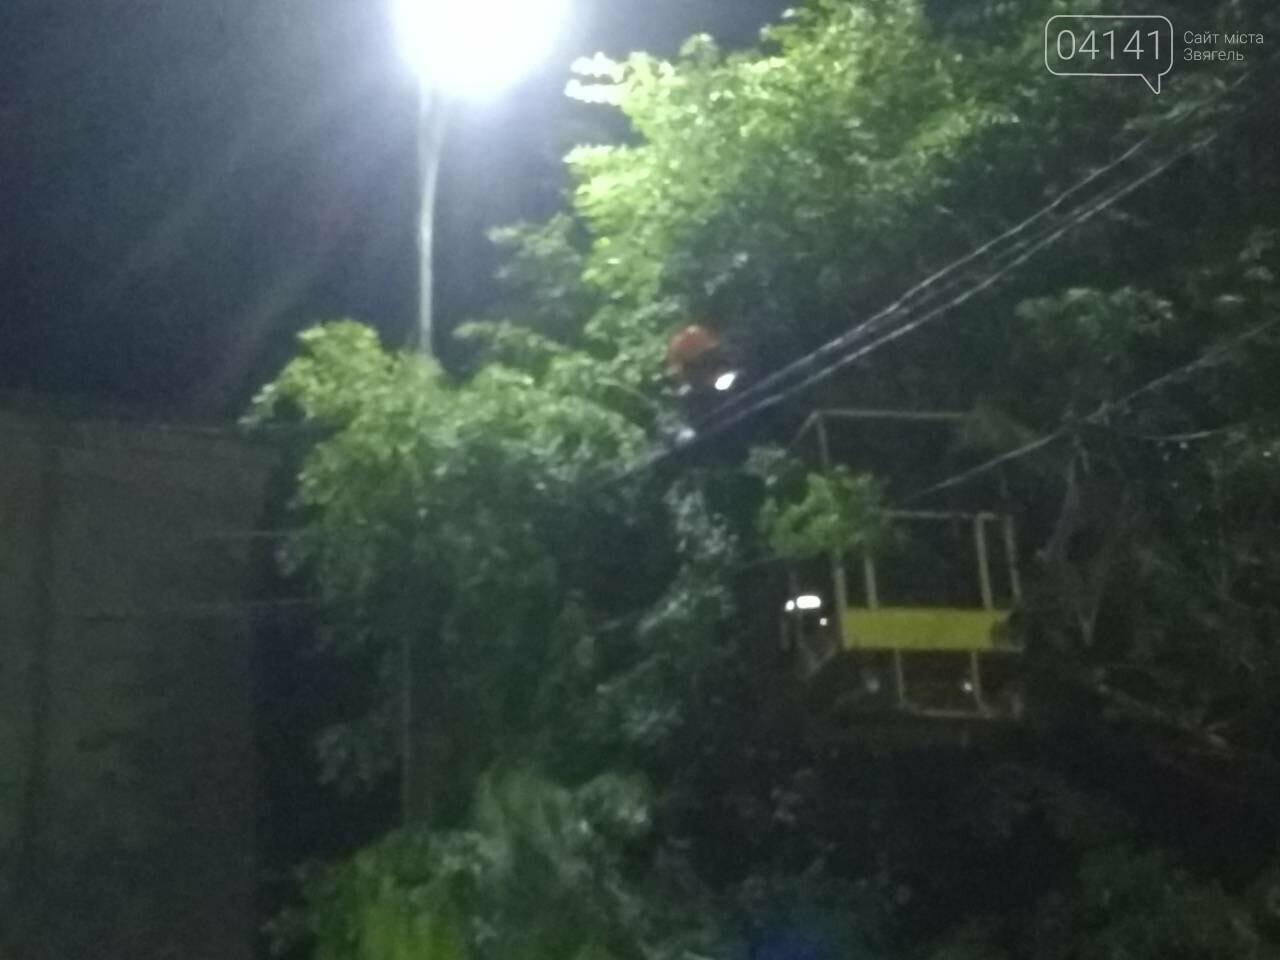 Замикання лінії електропередач ледь не призвело до пожежі в центрі Новограда-Волинського, фото-3